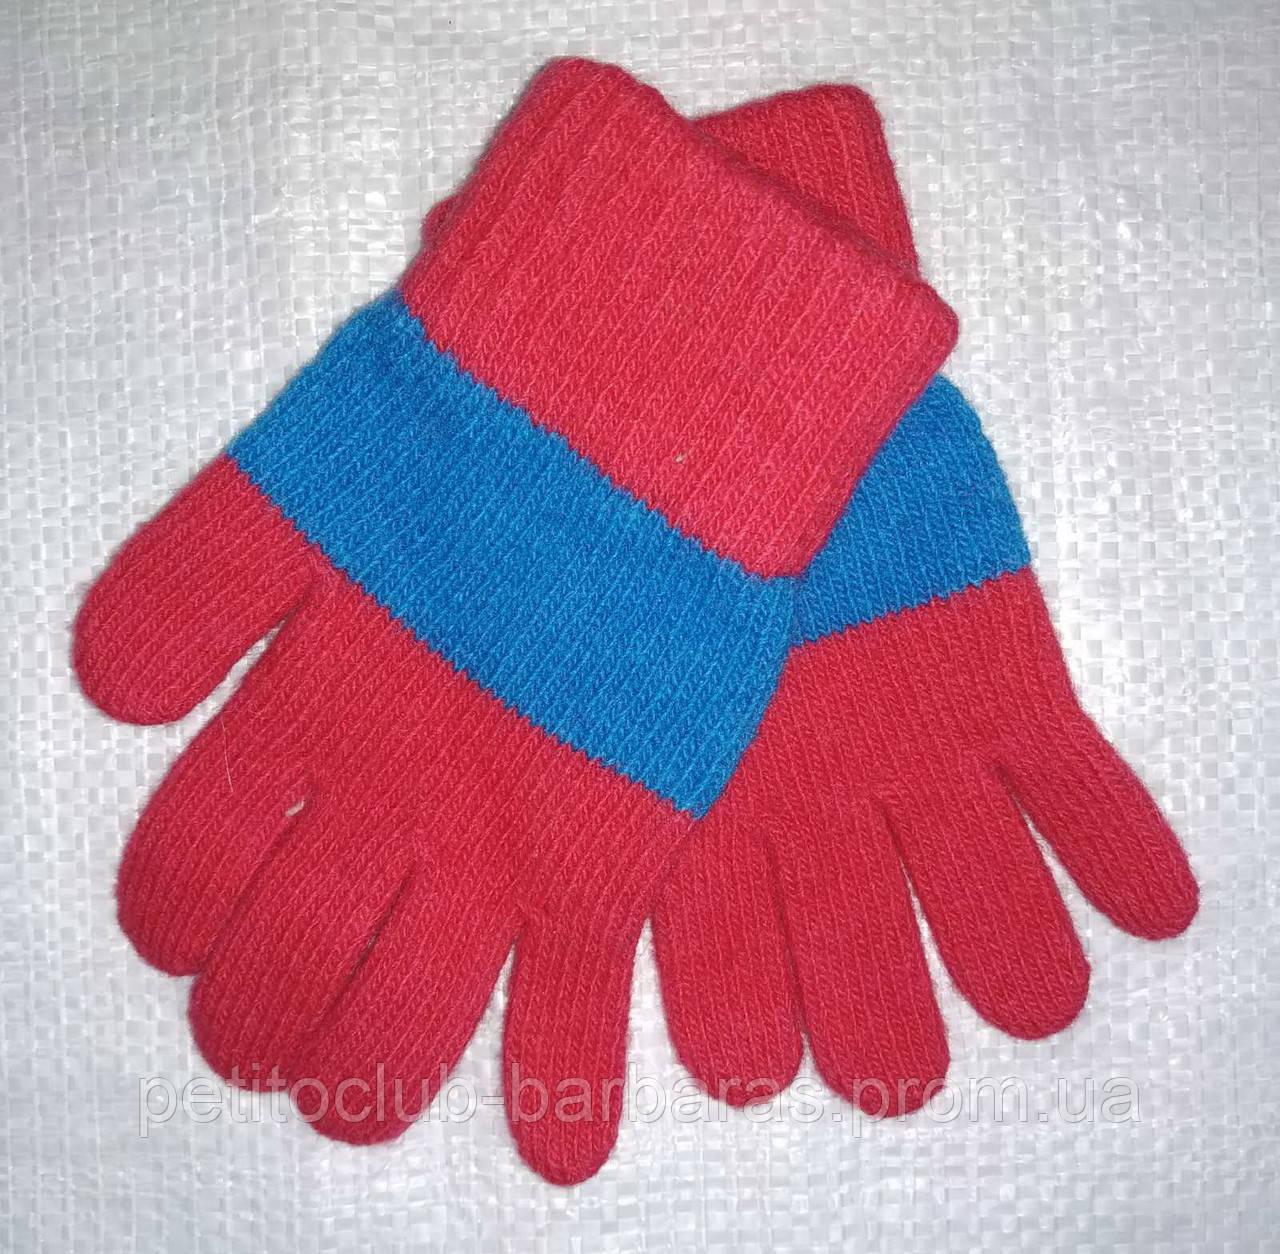 Перчатки для девочки Laura шерстяные красные с голубой полоской (MargotBis, Польша)